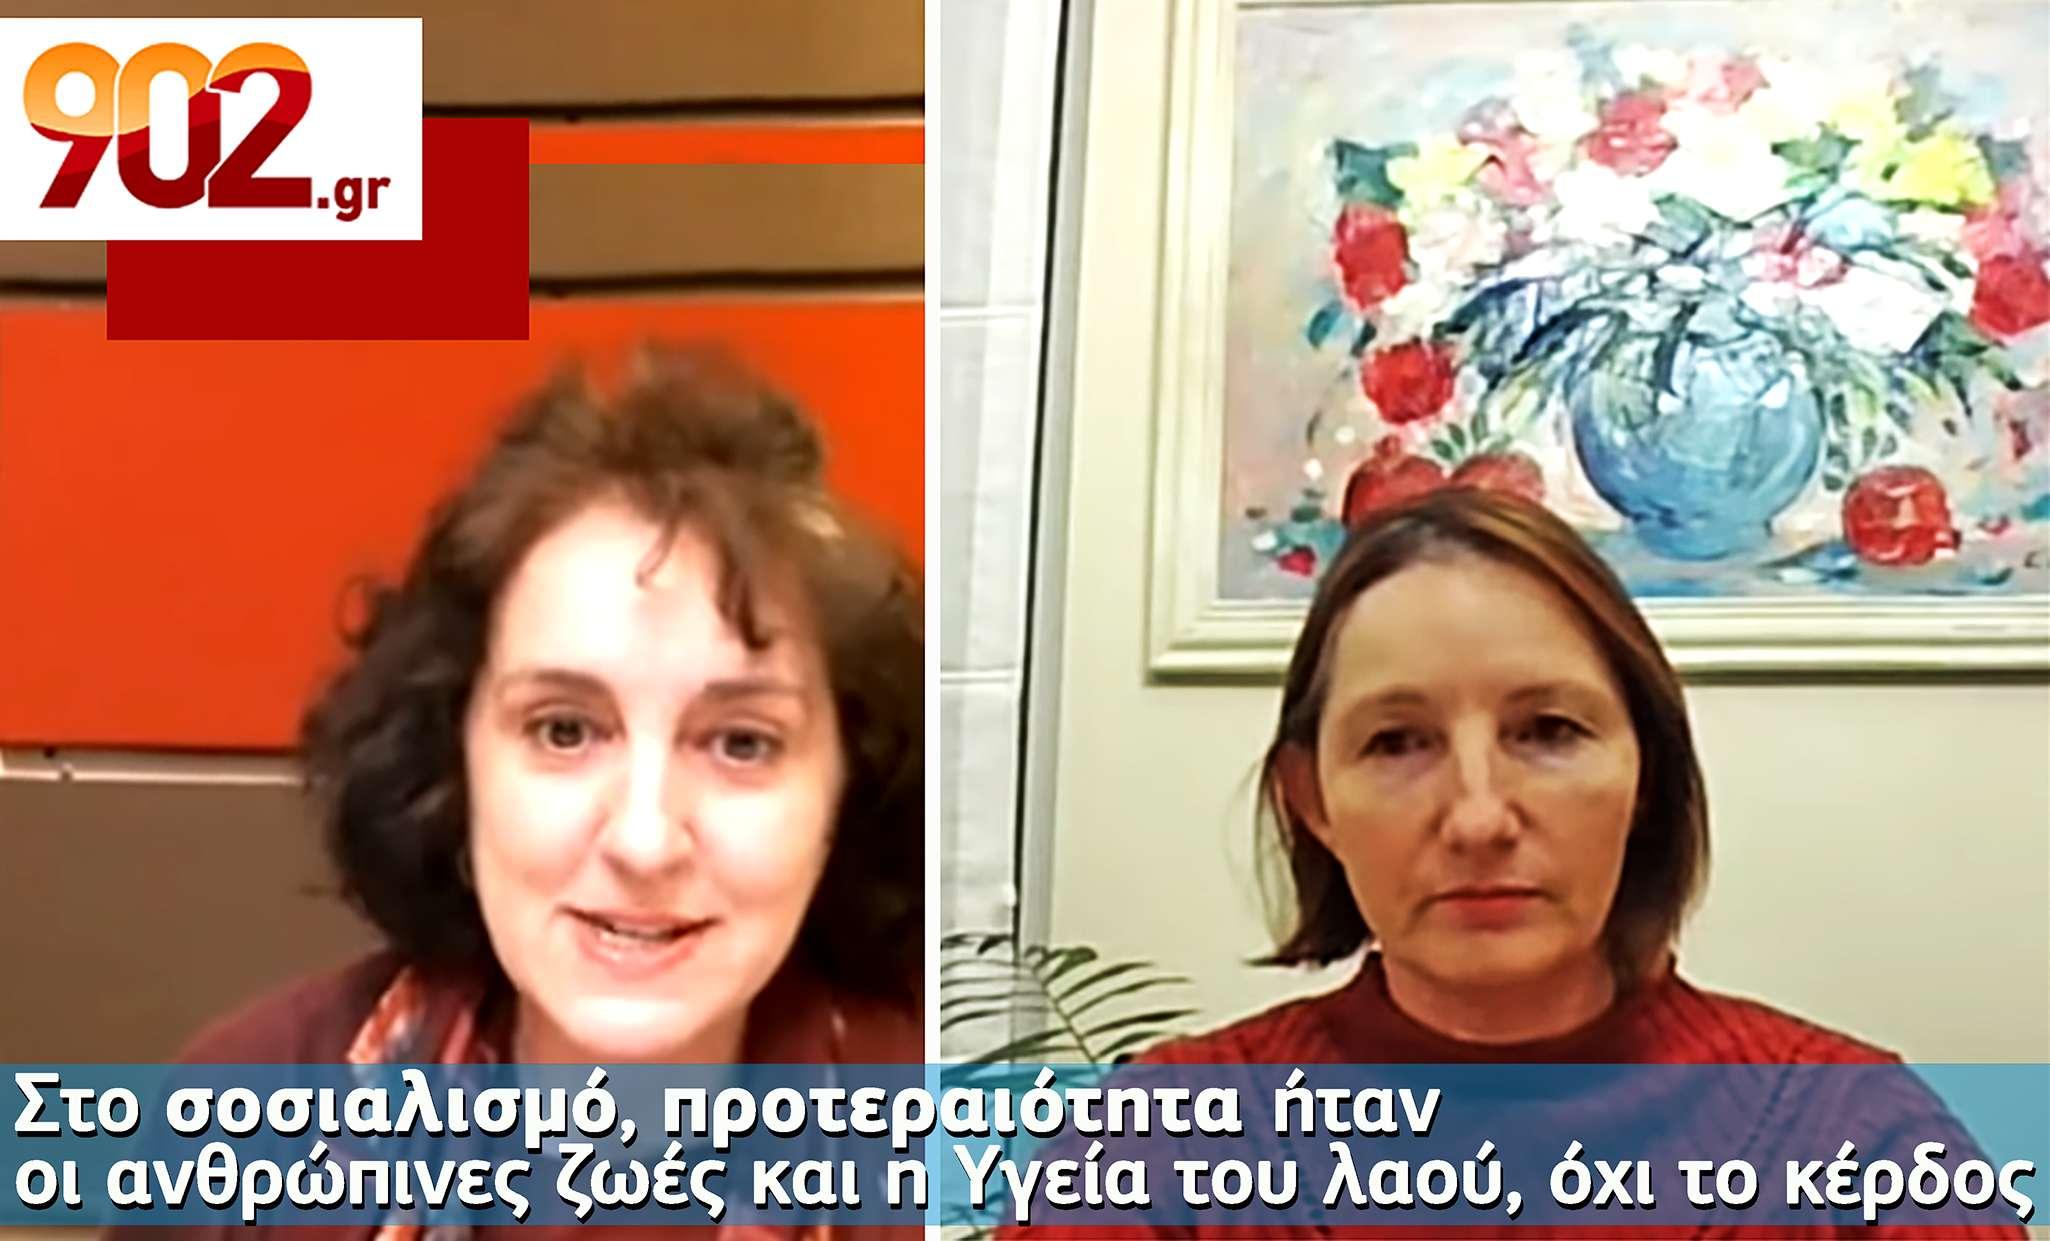 Ελένη Κίργιου Στο σοσιαλισμό προτεραιότητα ήταν οι ανθρώπινες ζωές και η Υγεία του λαού όχι το κέρδος